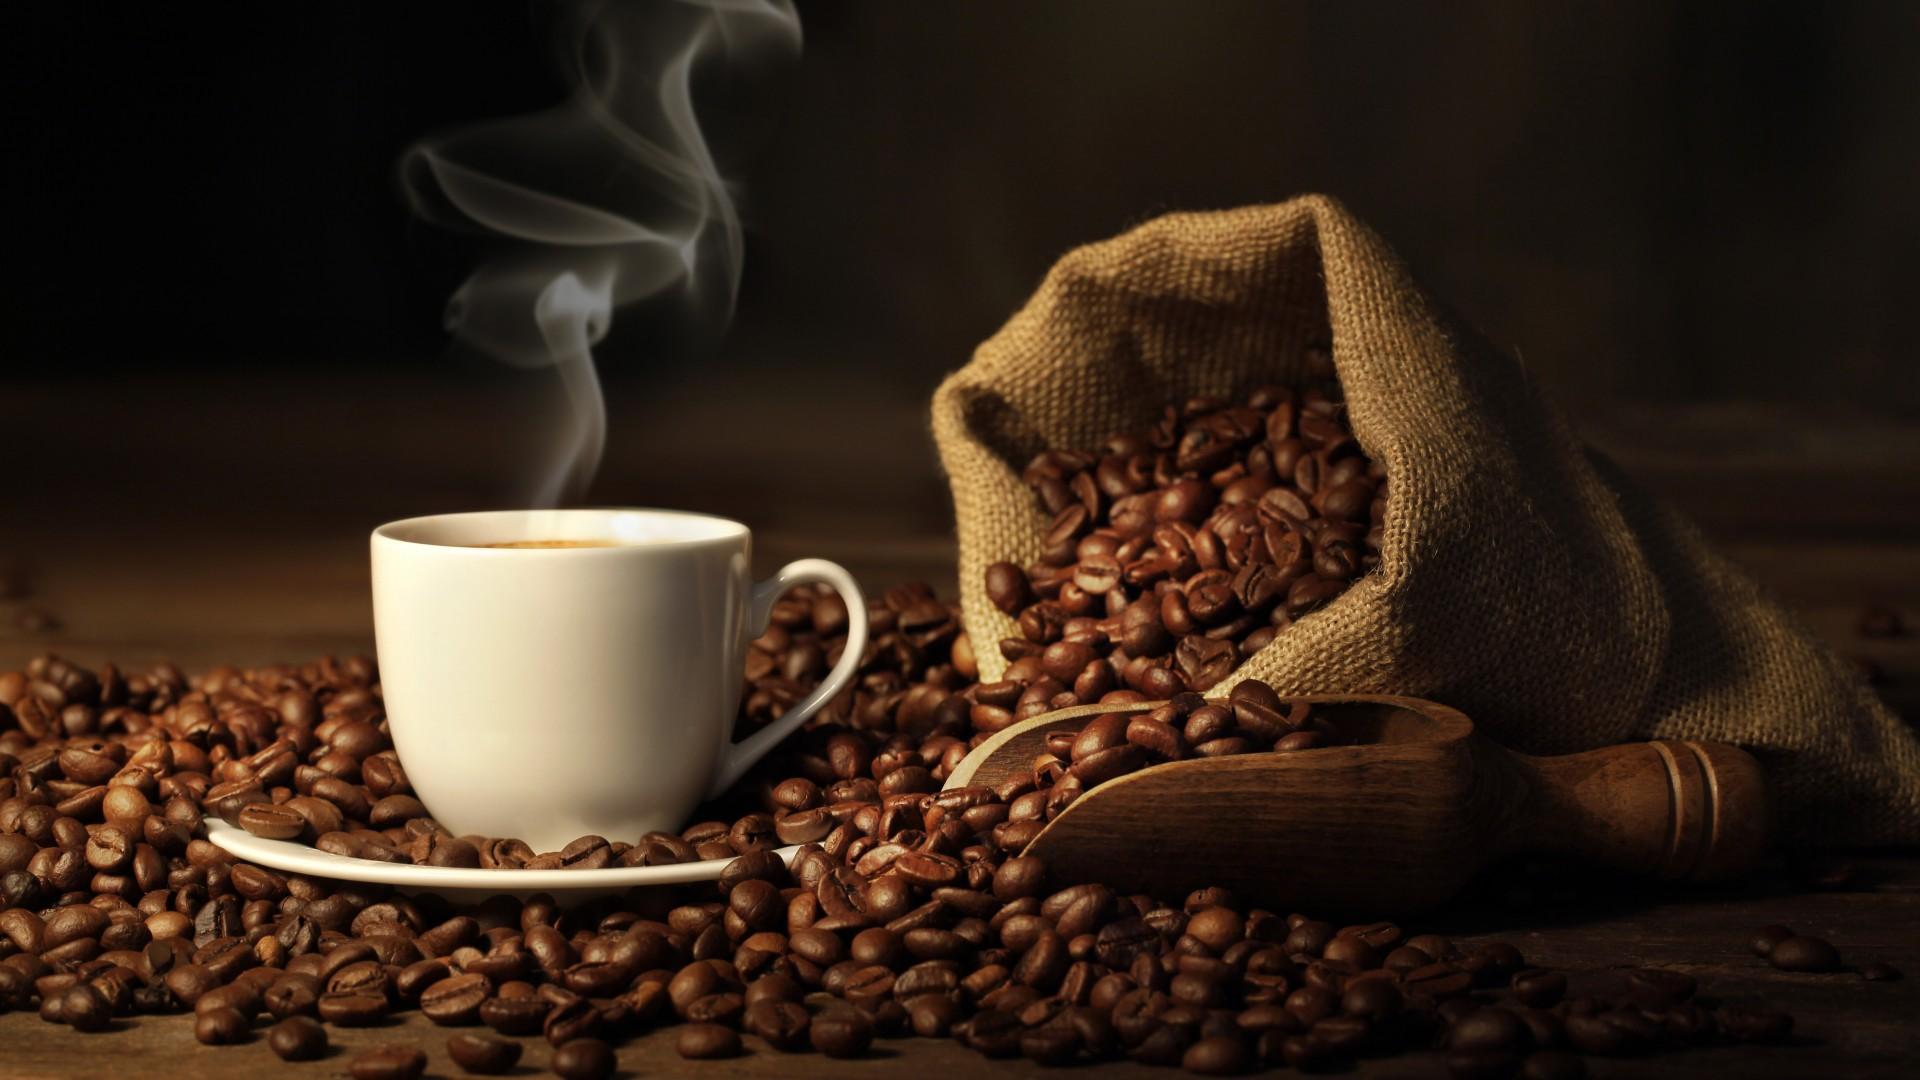 خواص عجیب قهوه برای سلامتی / چرا هر روز باید قهوه بخوریم؟